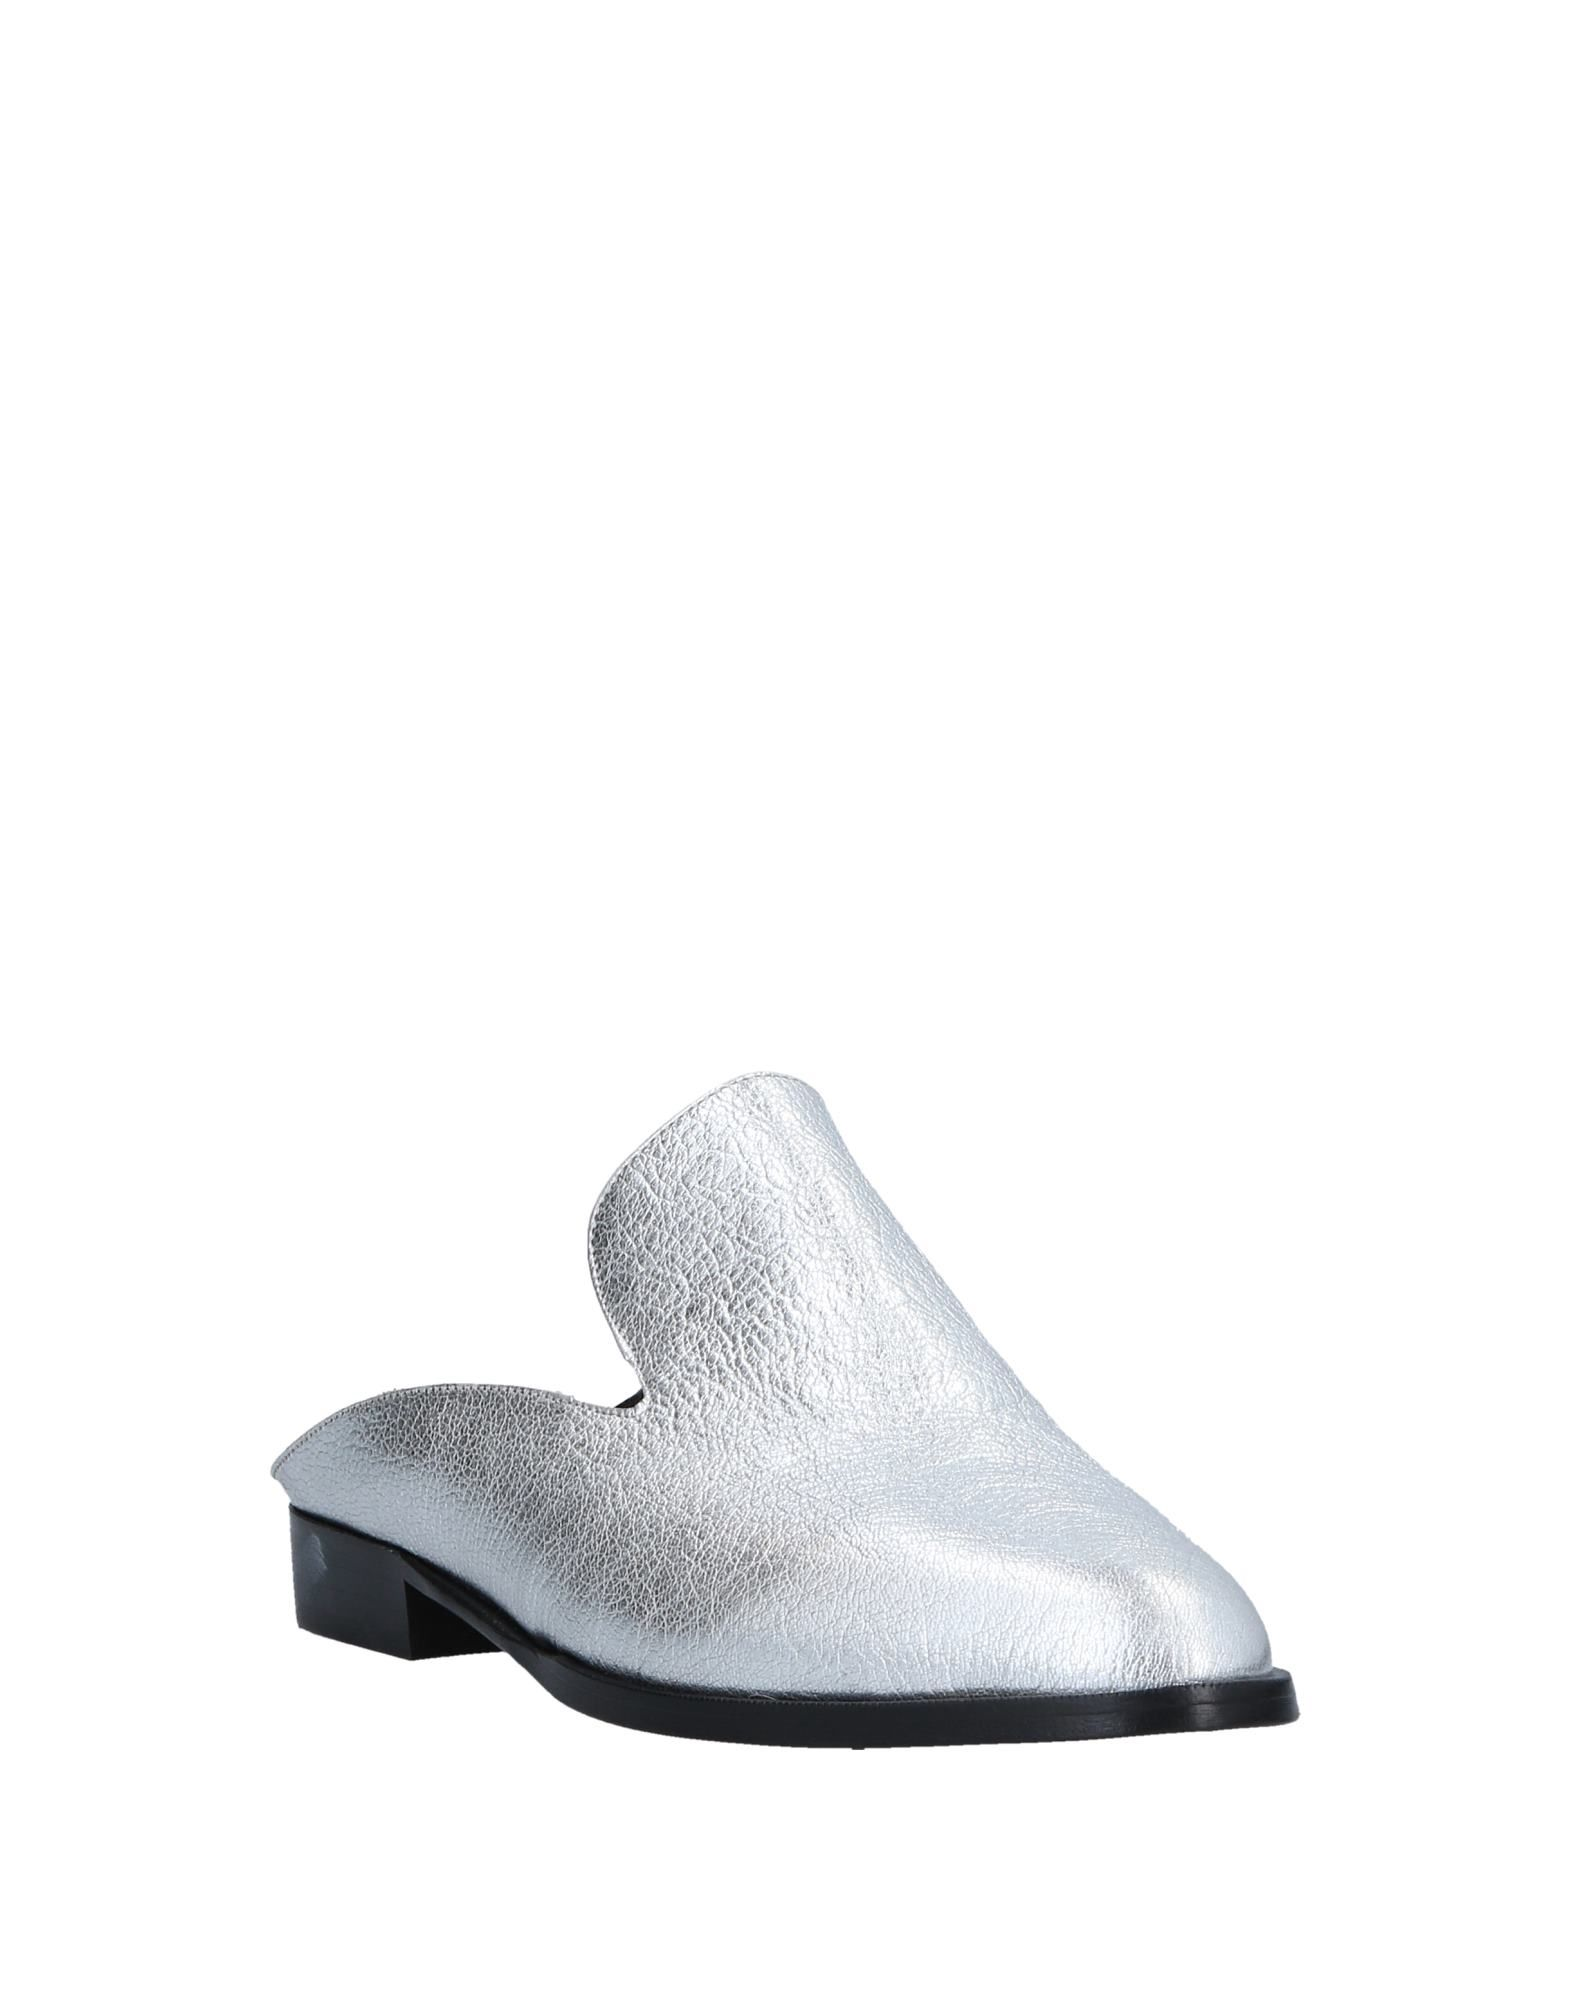 Robert Clergerie Schuhe Pantoletten Damen  11119192DR Beliebte Schuhe Clergerie c0b0bb